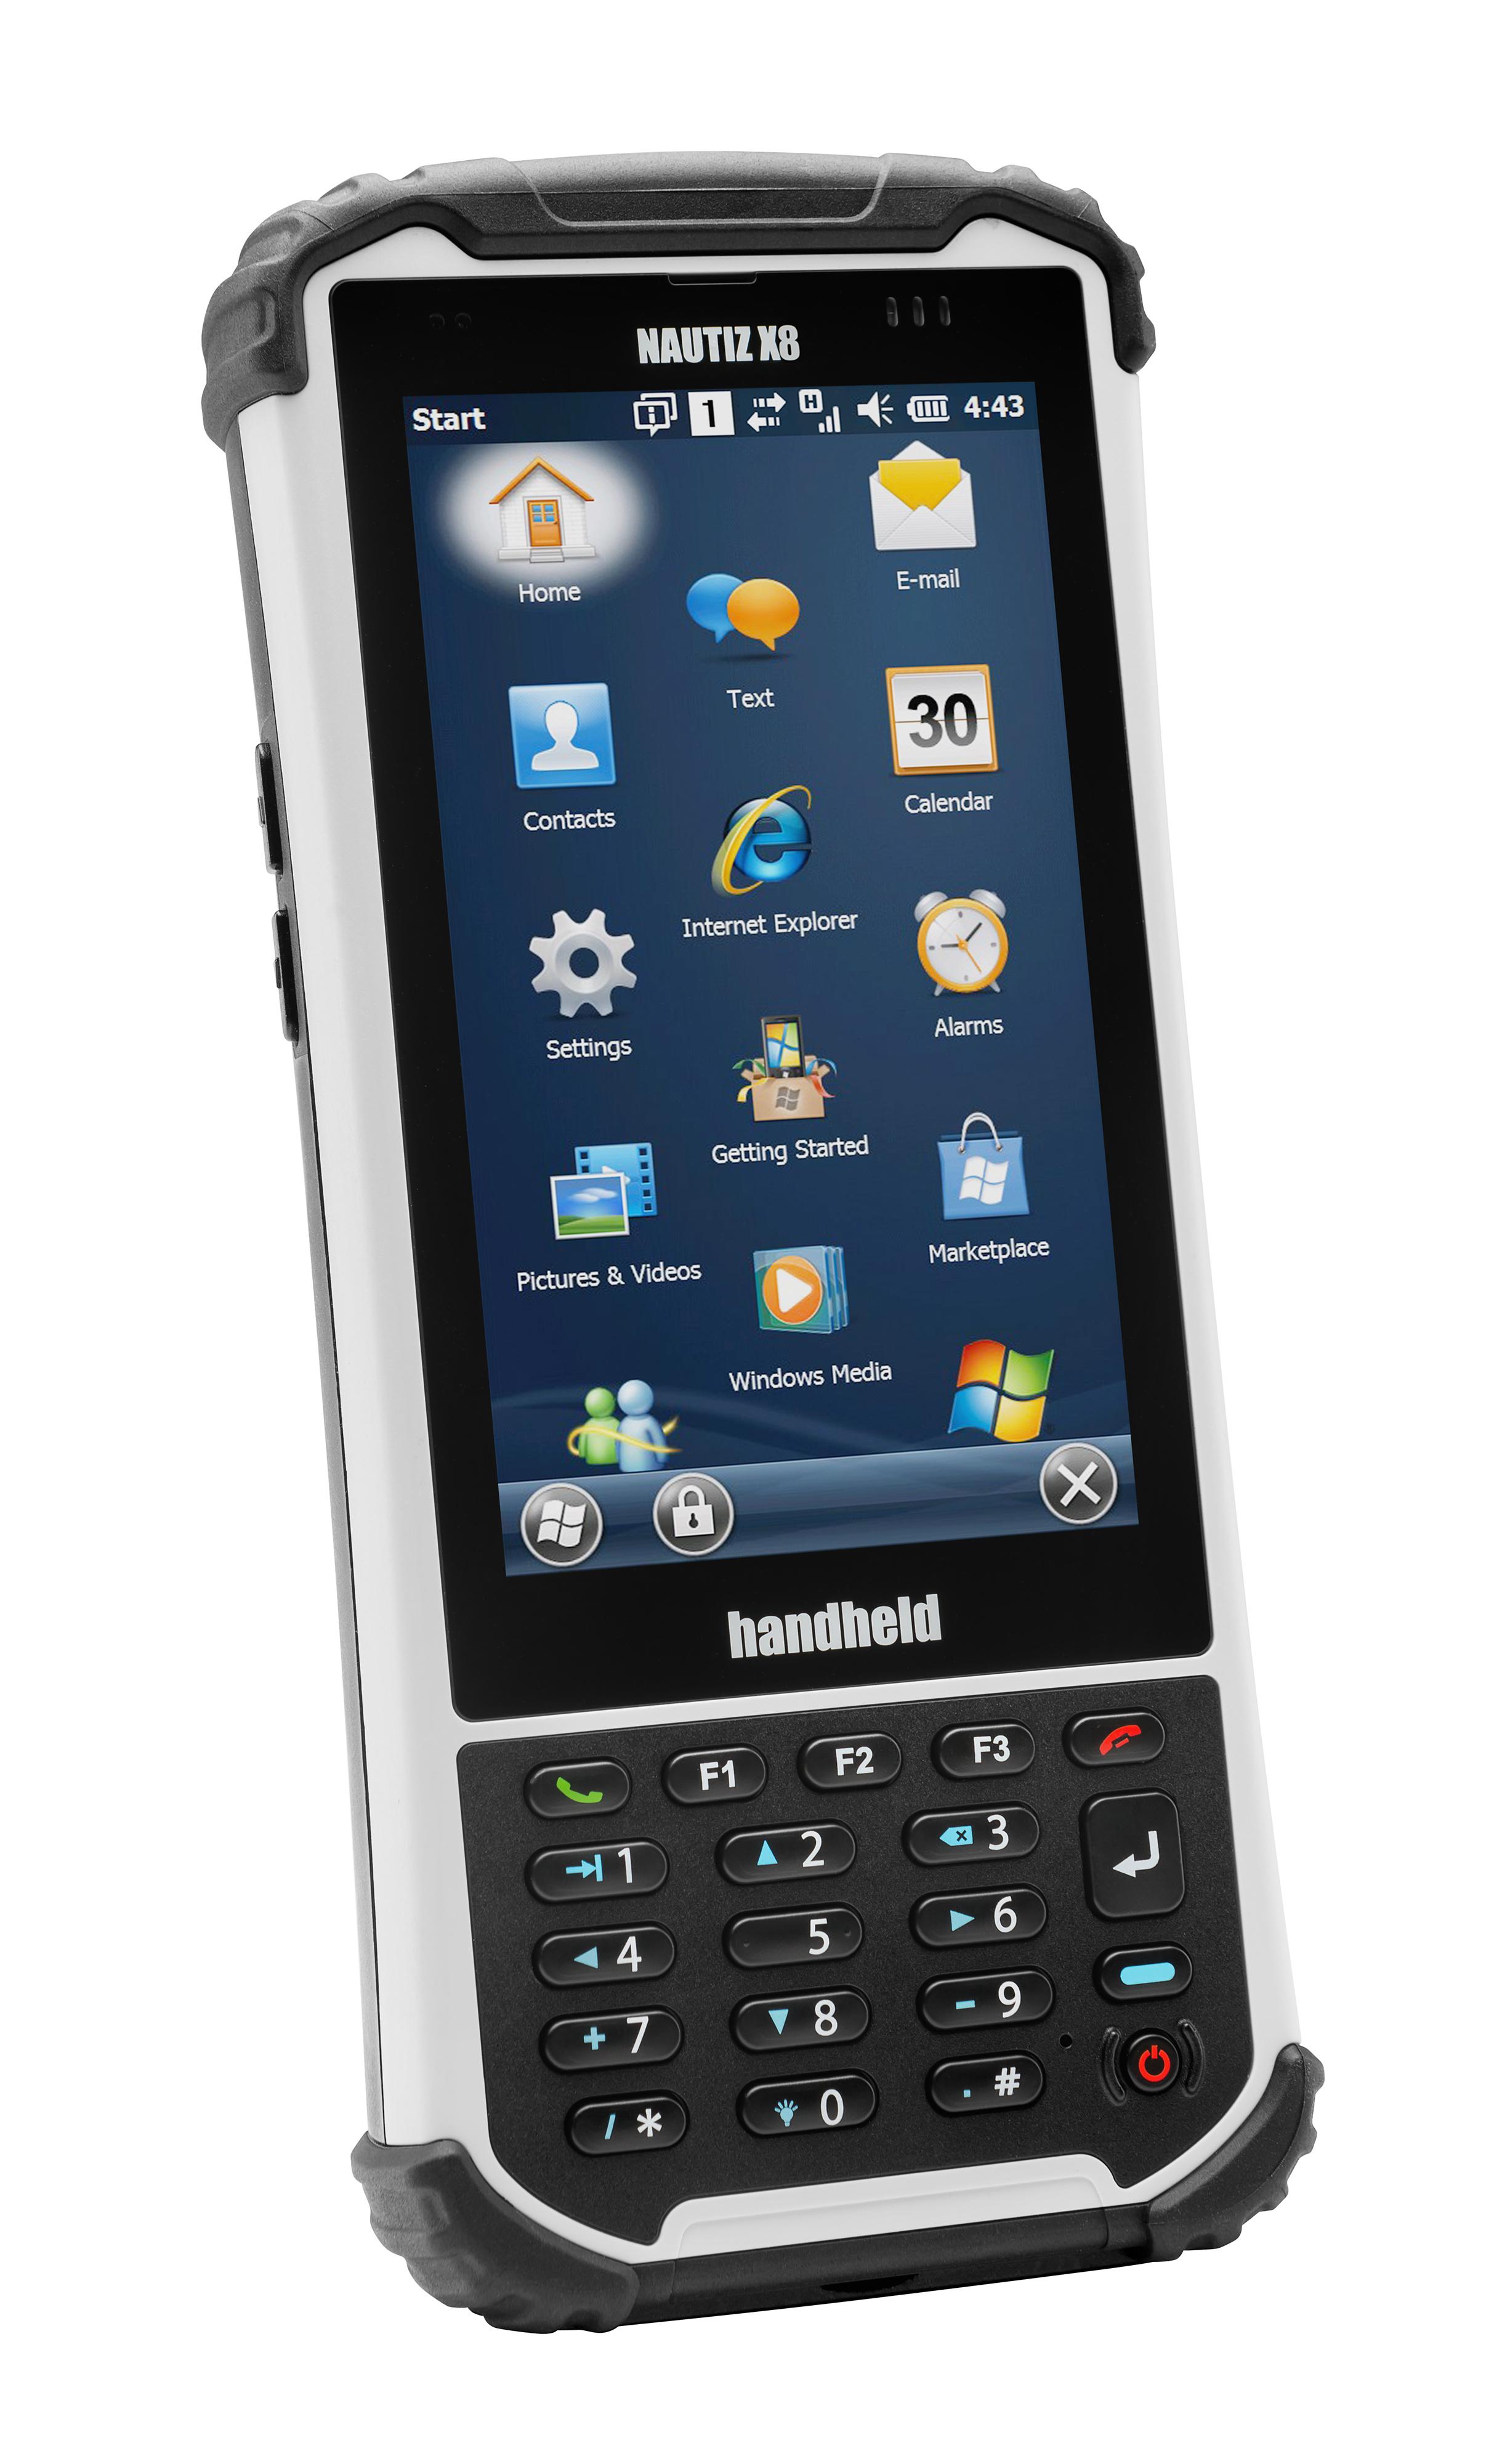 Handheld APAC Nautiz X8